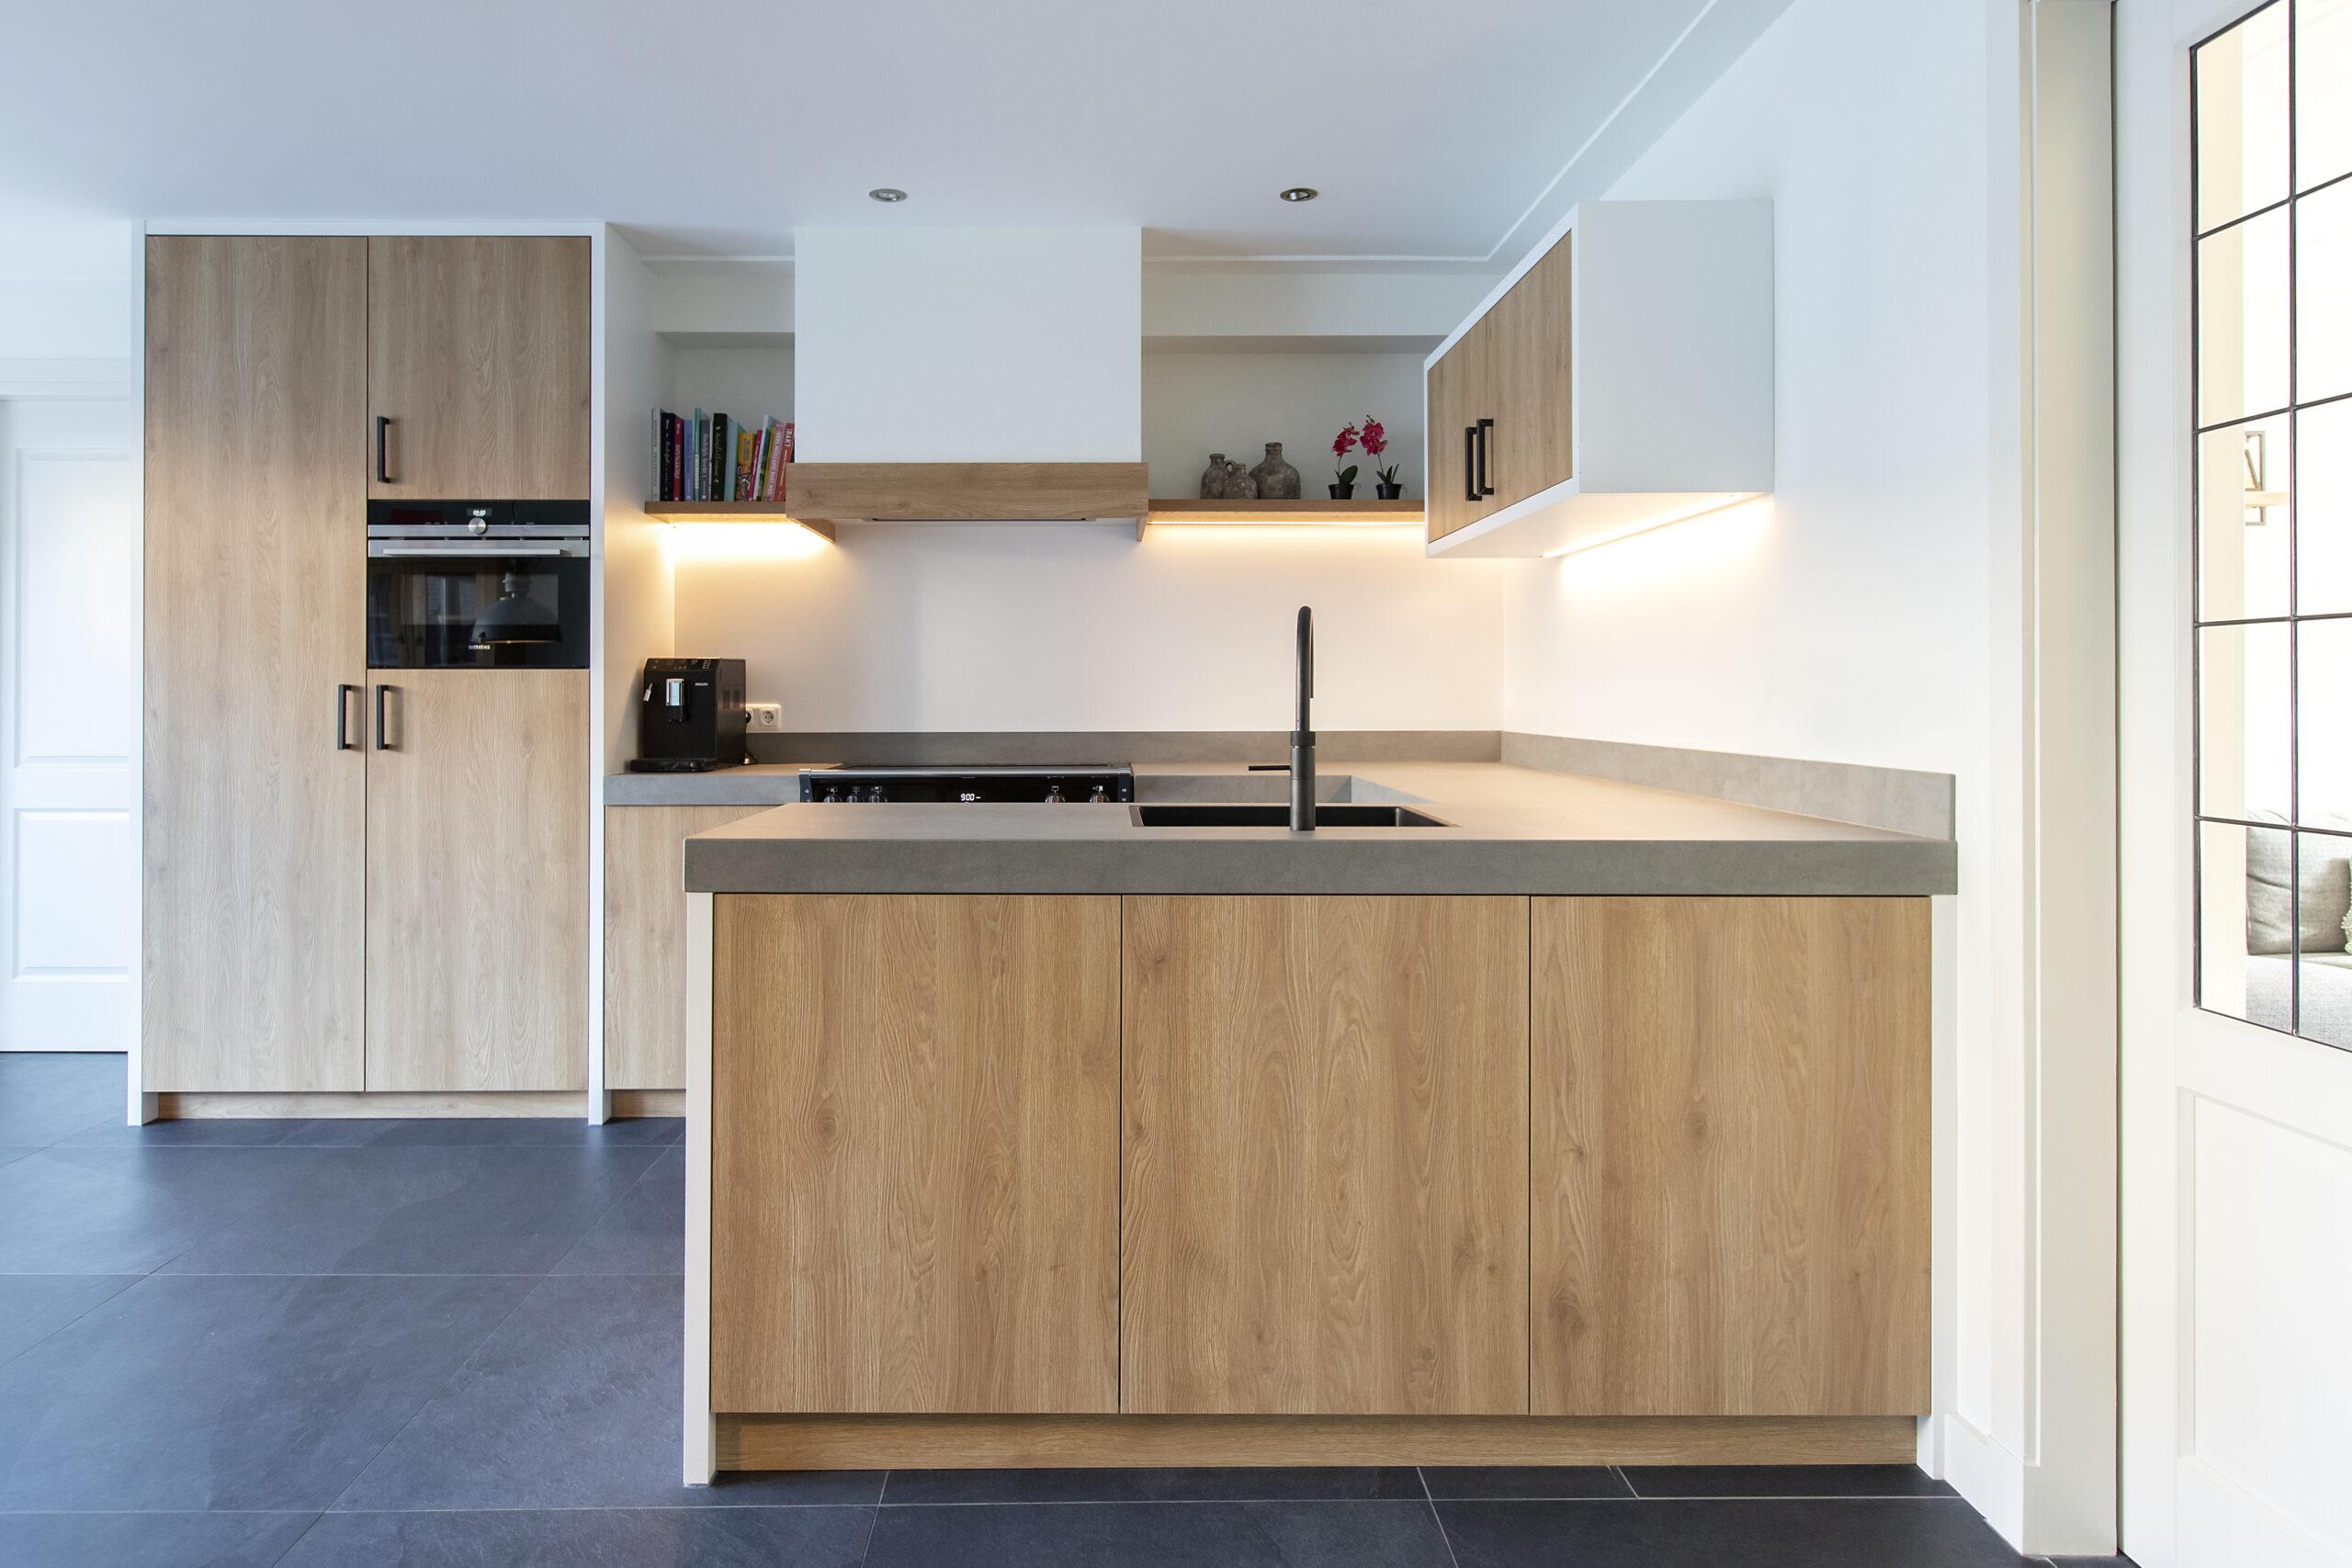 Keuken in decoratief plaatmateriaal met eikenhout structuur